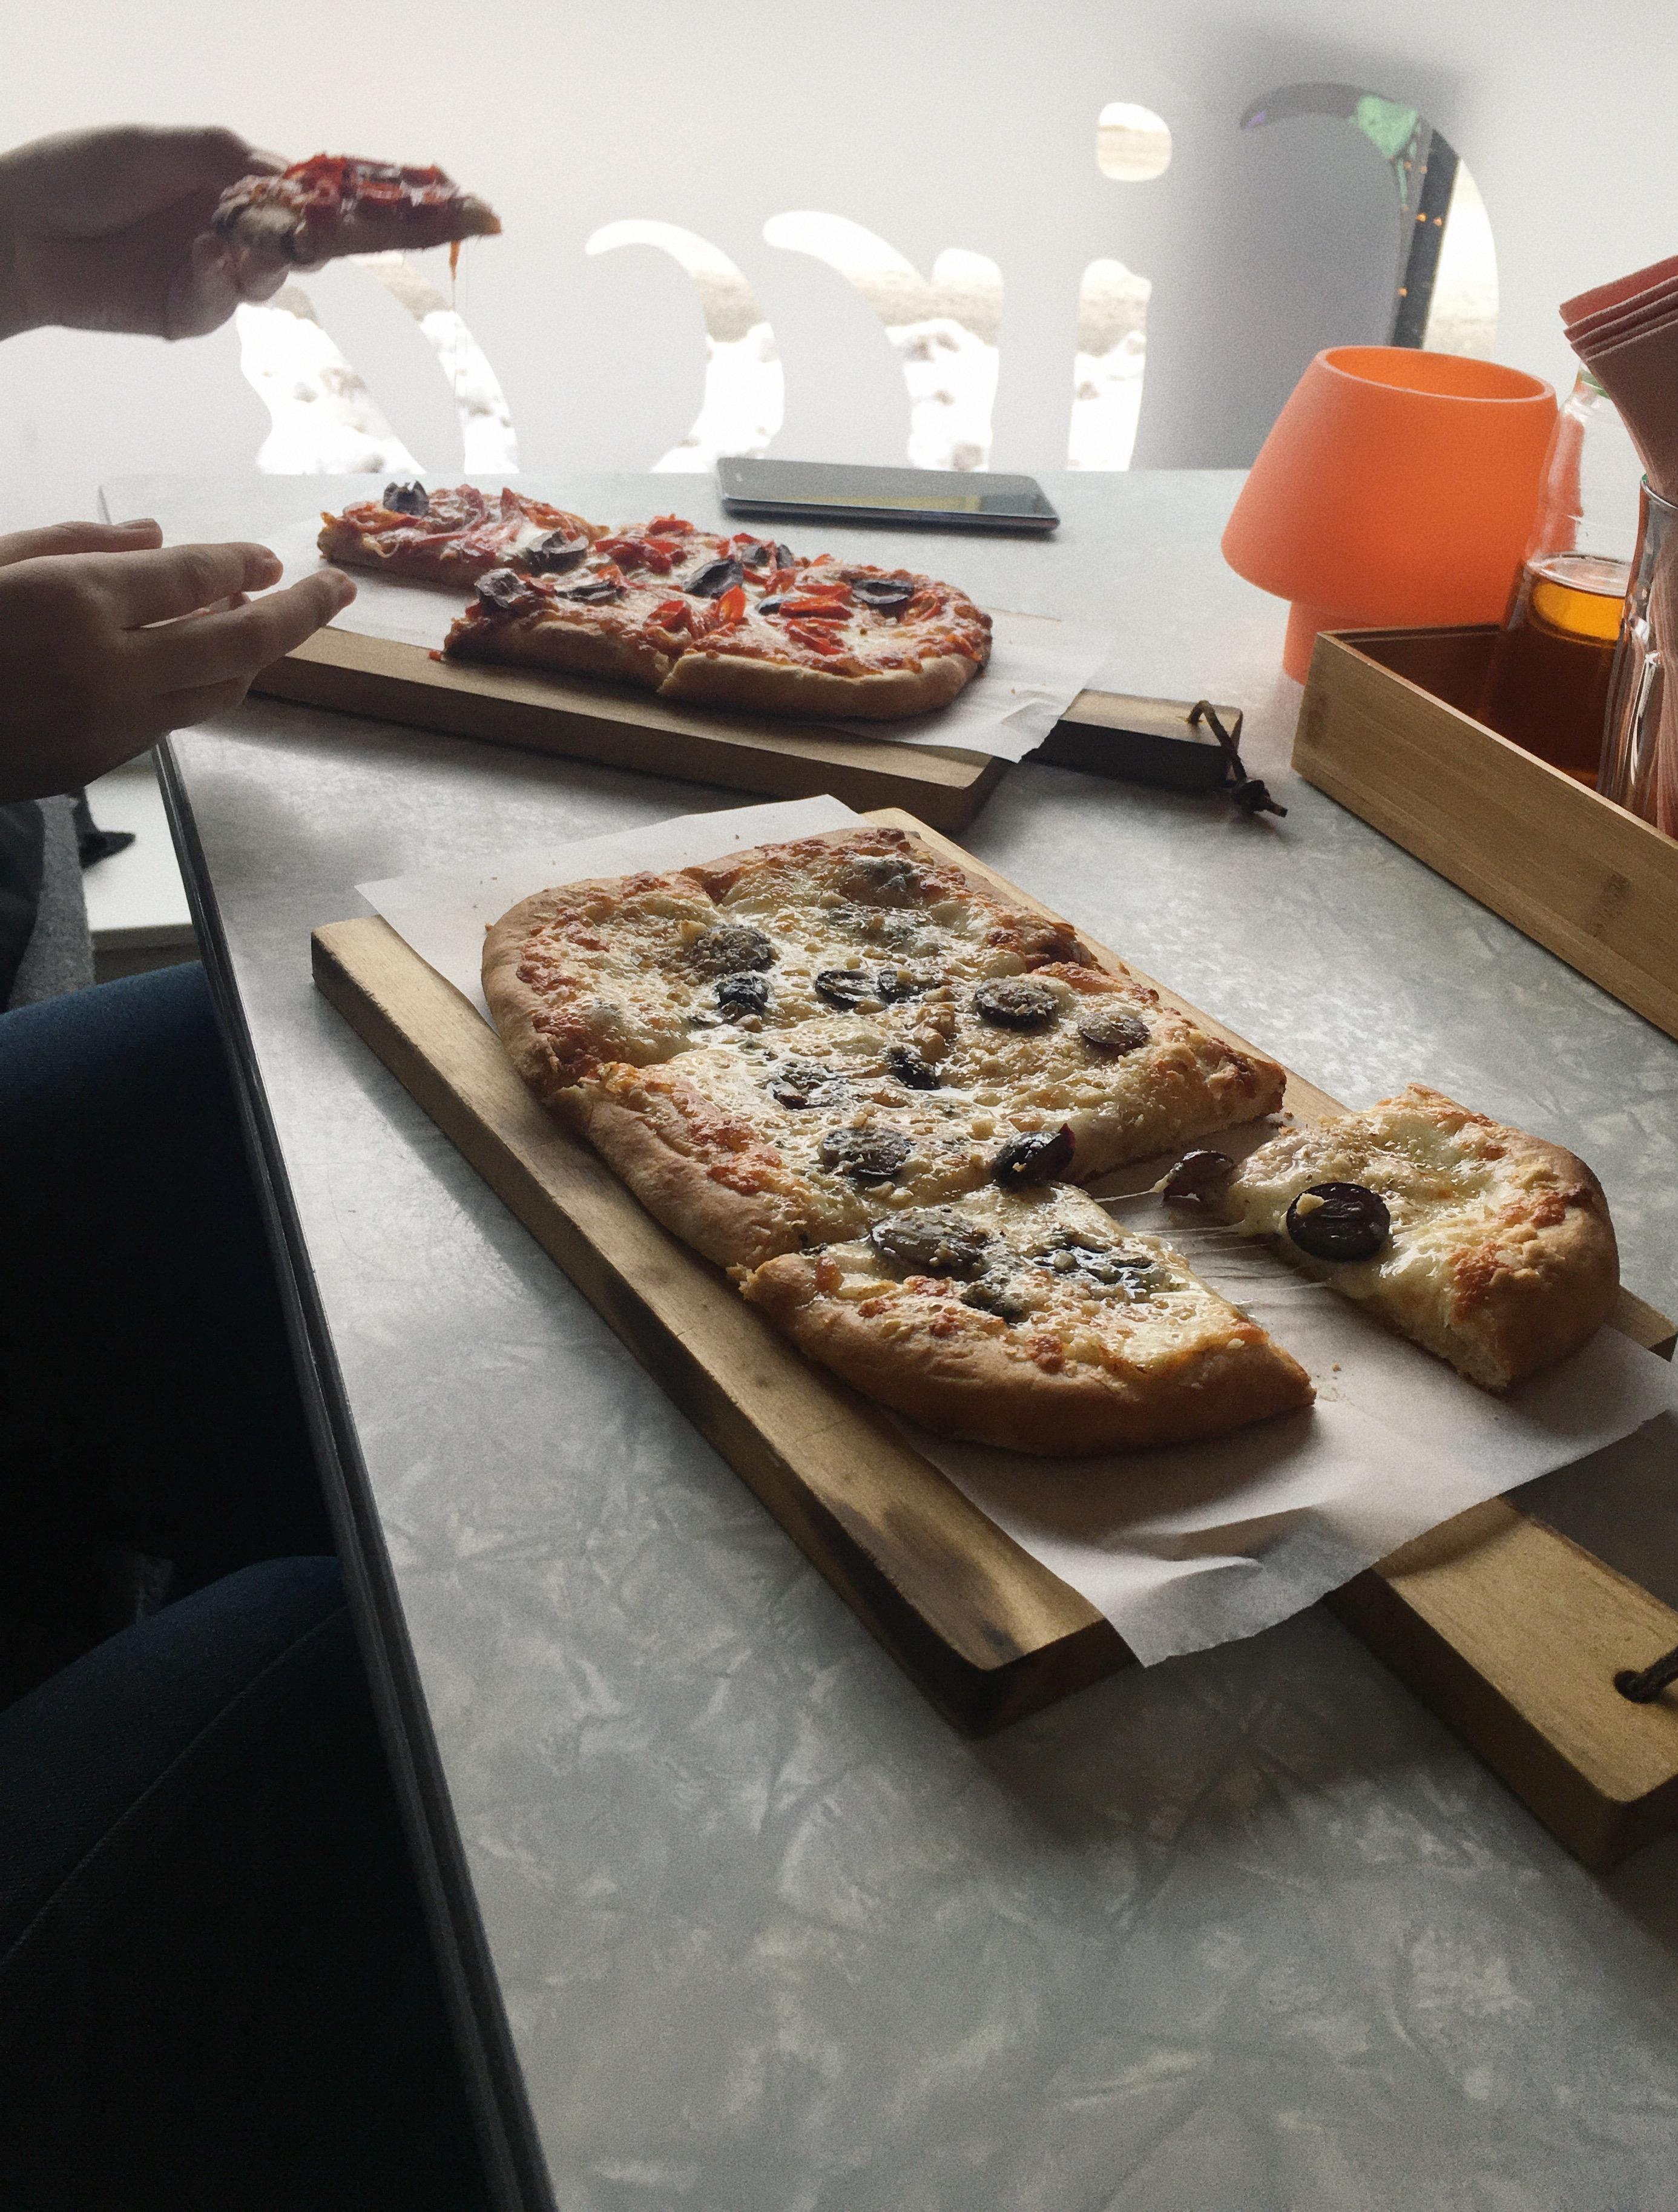 Pizzą w Tromso najadłoby się chyba tylko dziecko. To jedyny posiłek, za który tu płacę.